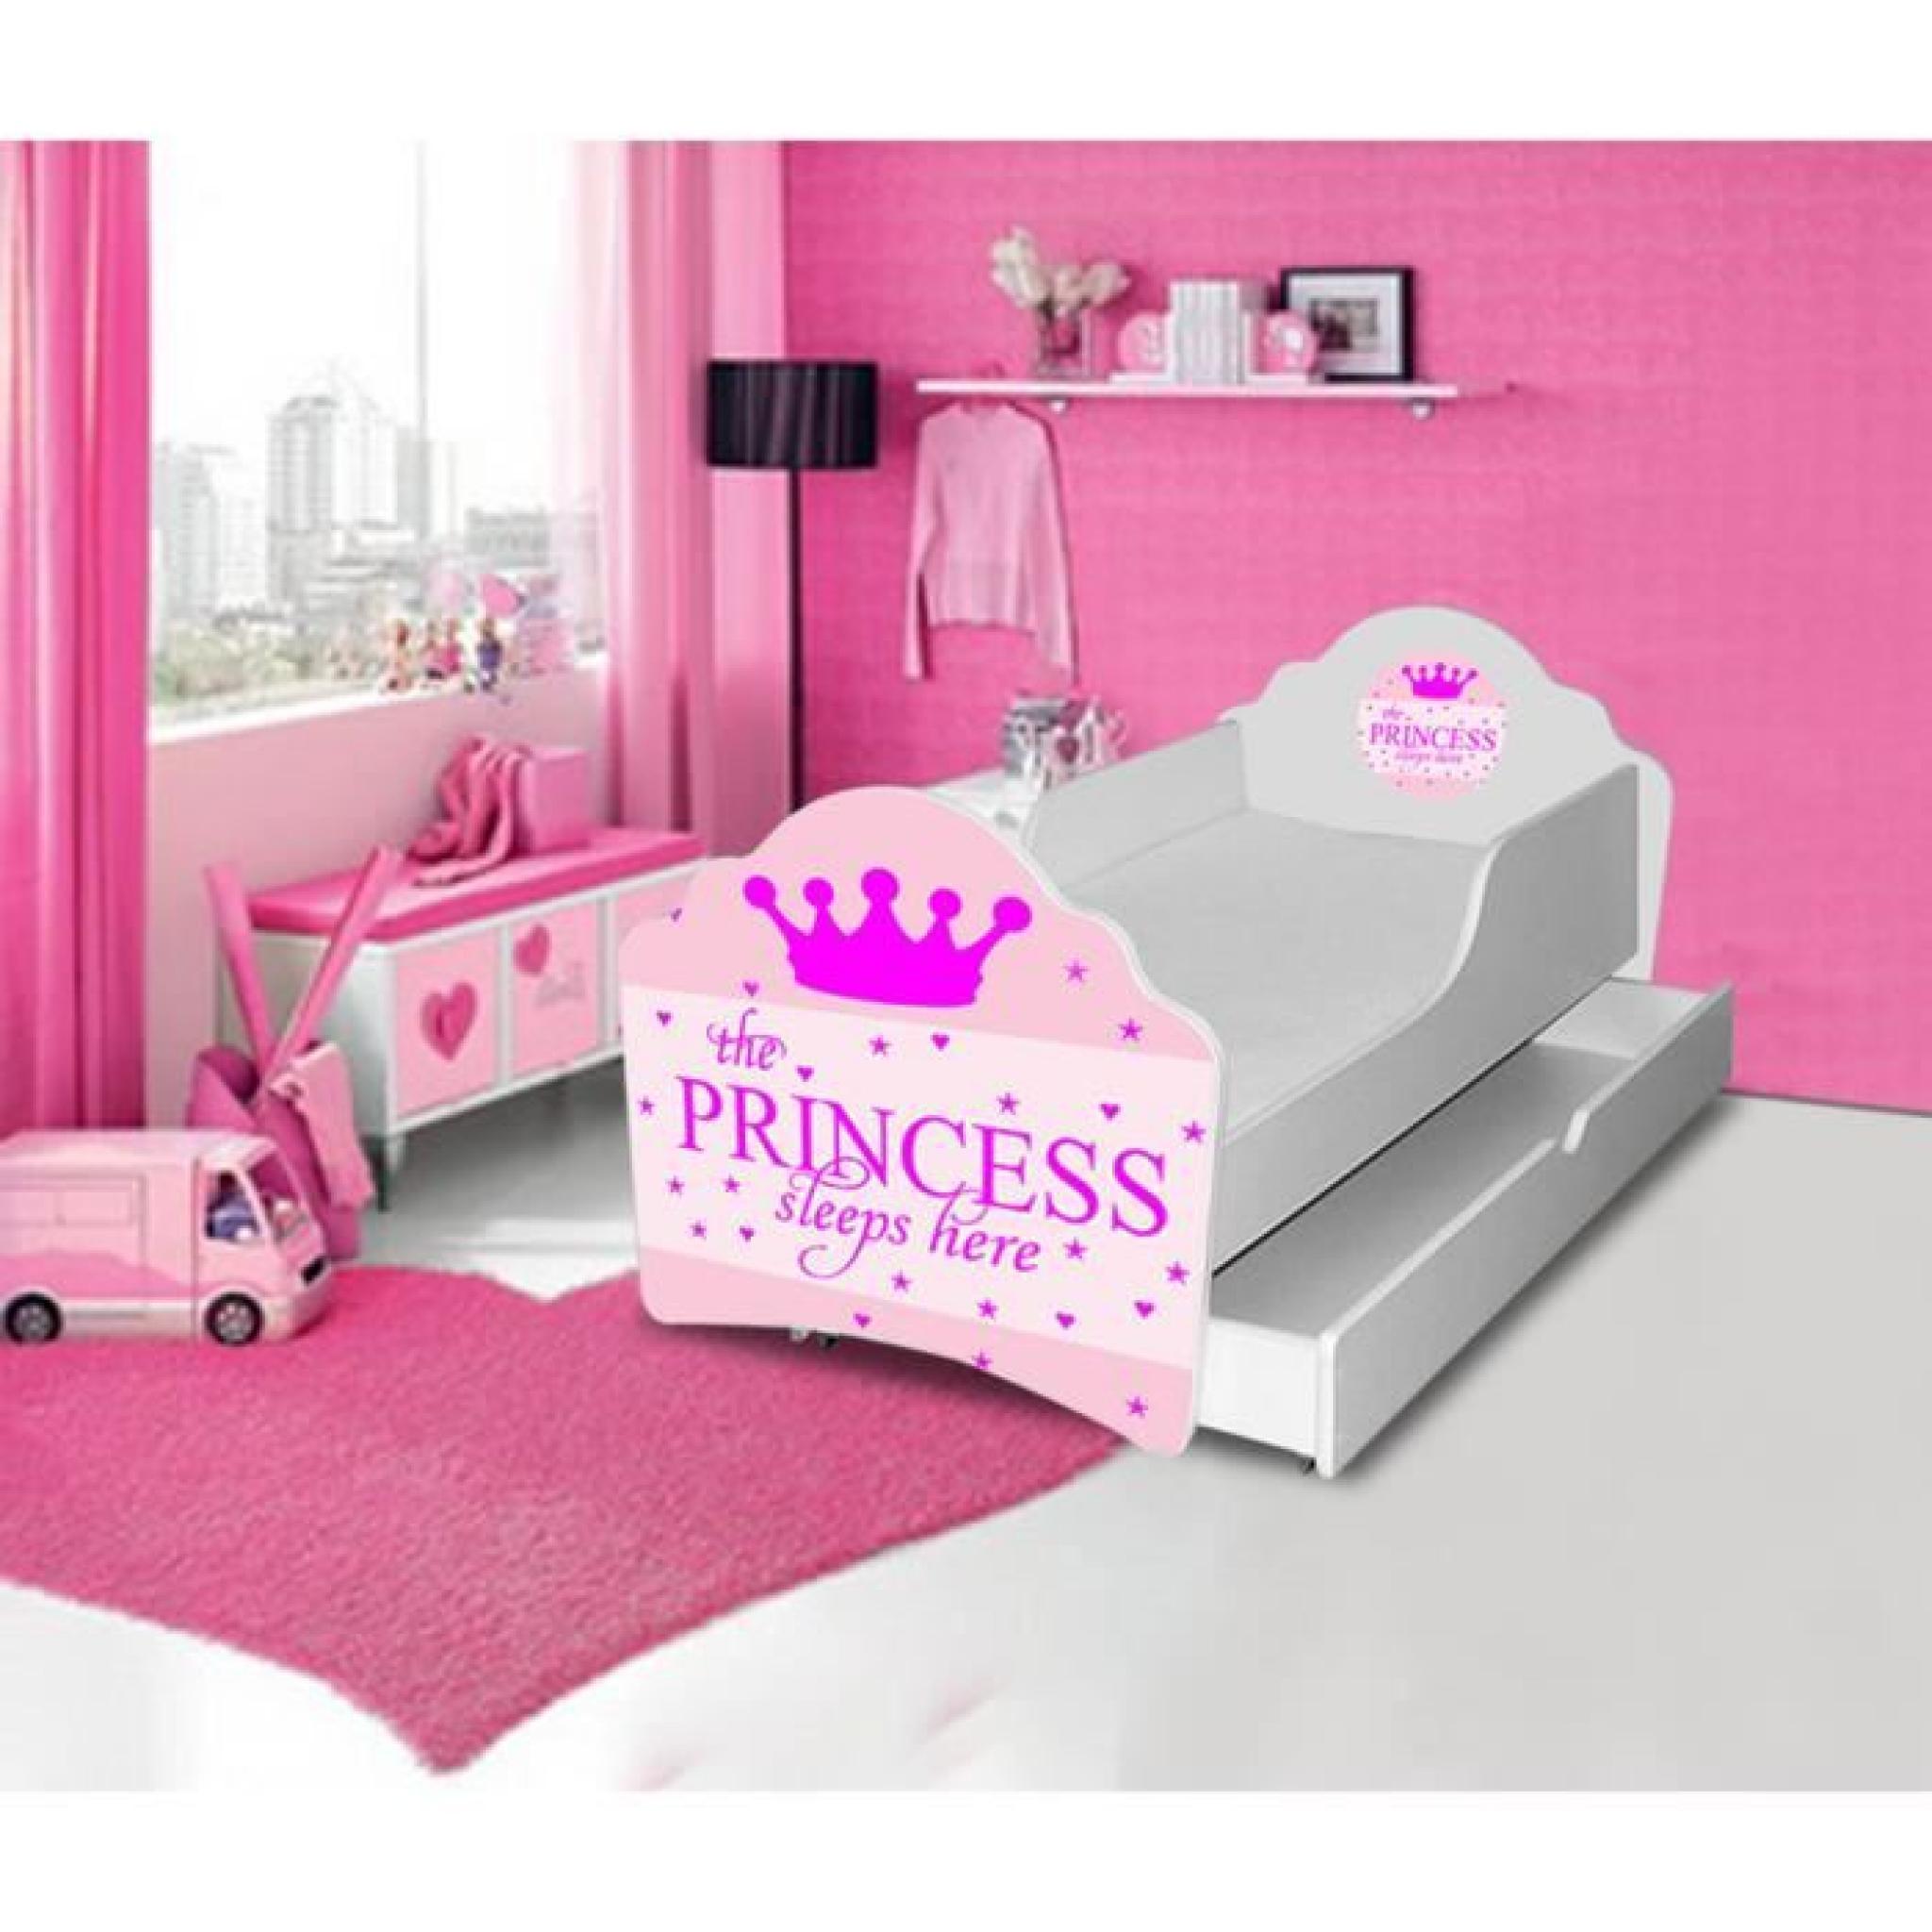 Lit gigogne enfant sleeping princesse sommier matelas 160x80cm achat vente lit enfant pas cher - Lit gigogne enfant pas cher ...